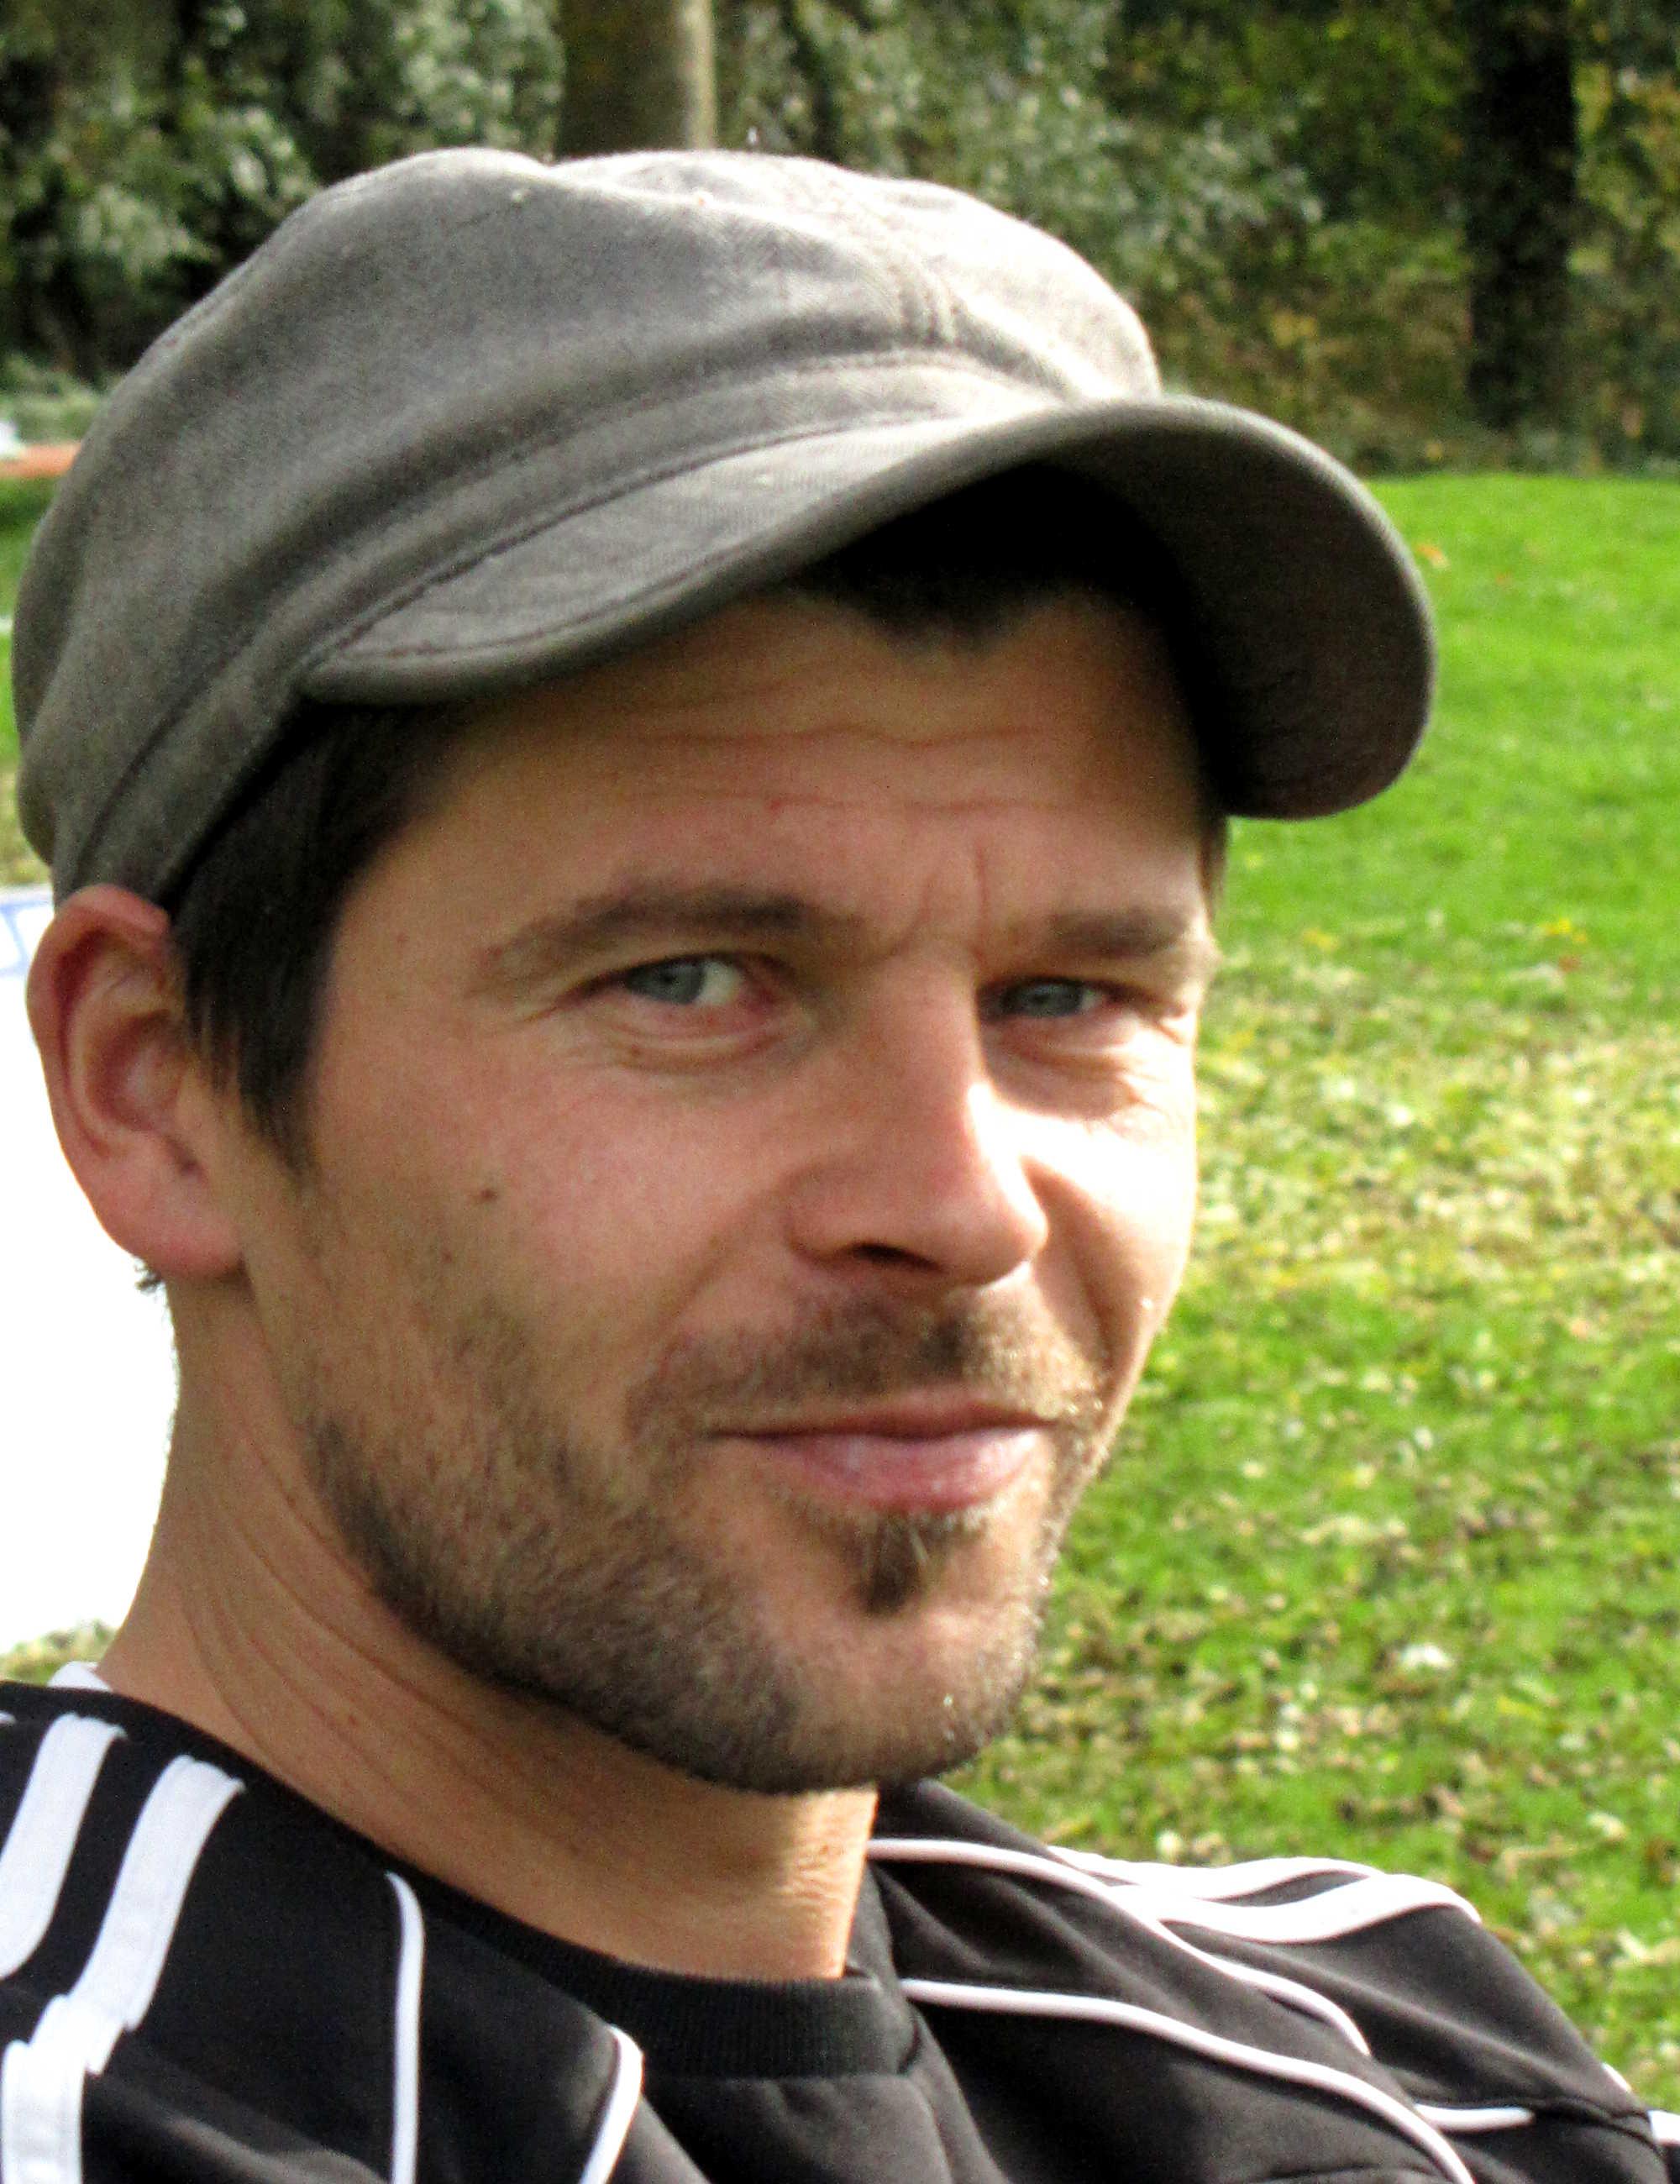 Marcus Baur